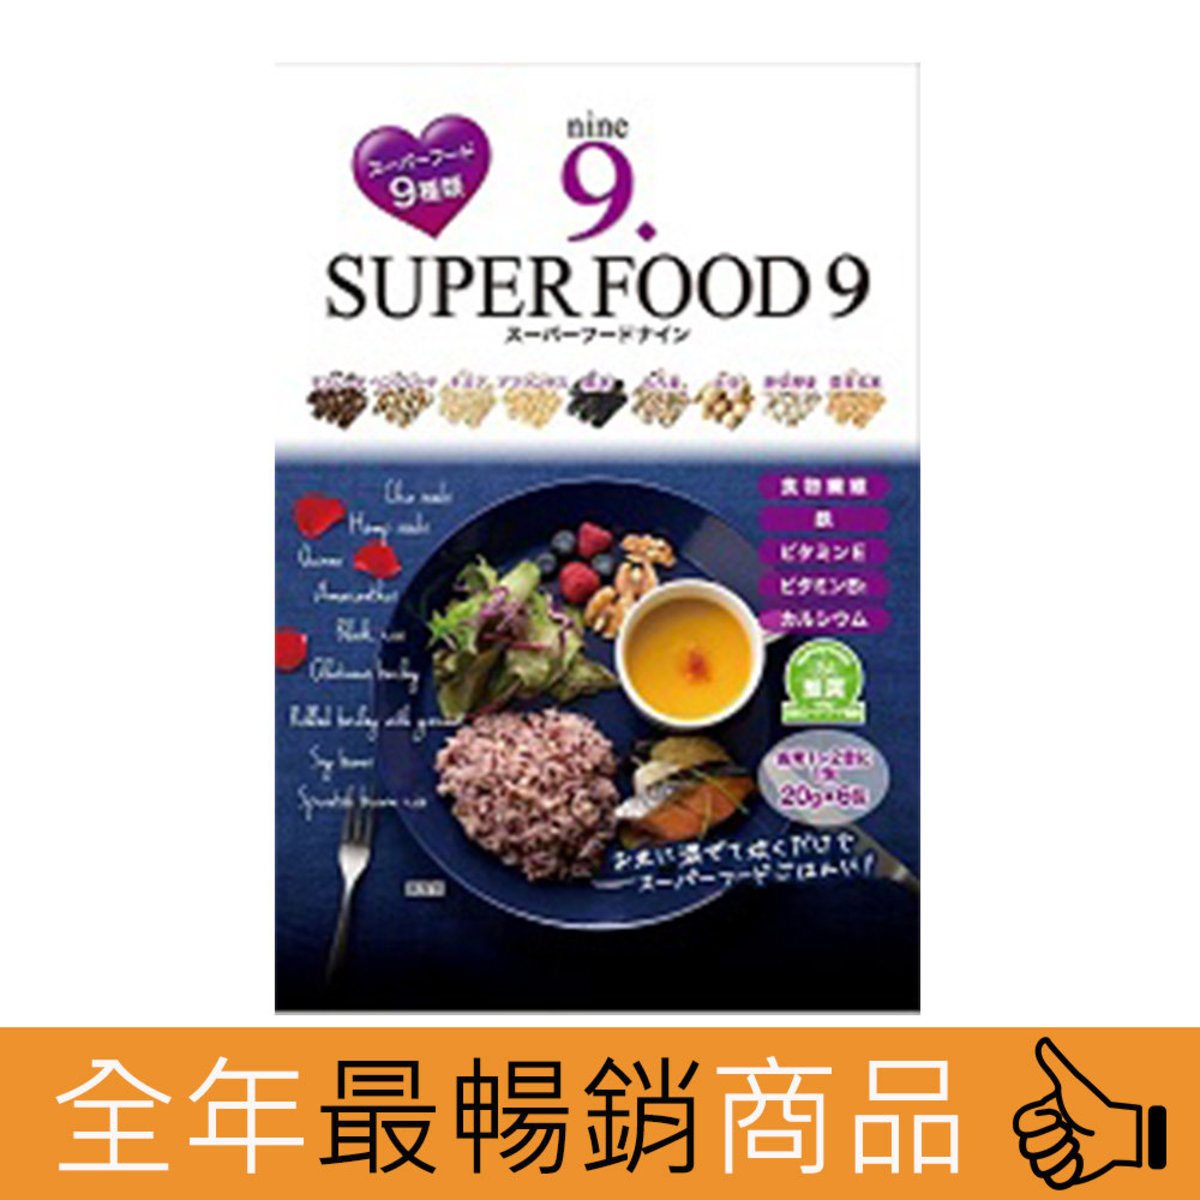 日本超級食物 SuperFood 9 穀米 (健康營養 腸道暢通) 獨立包裝6包 / 日本原產